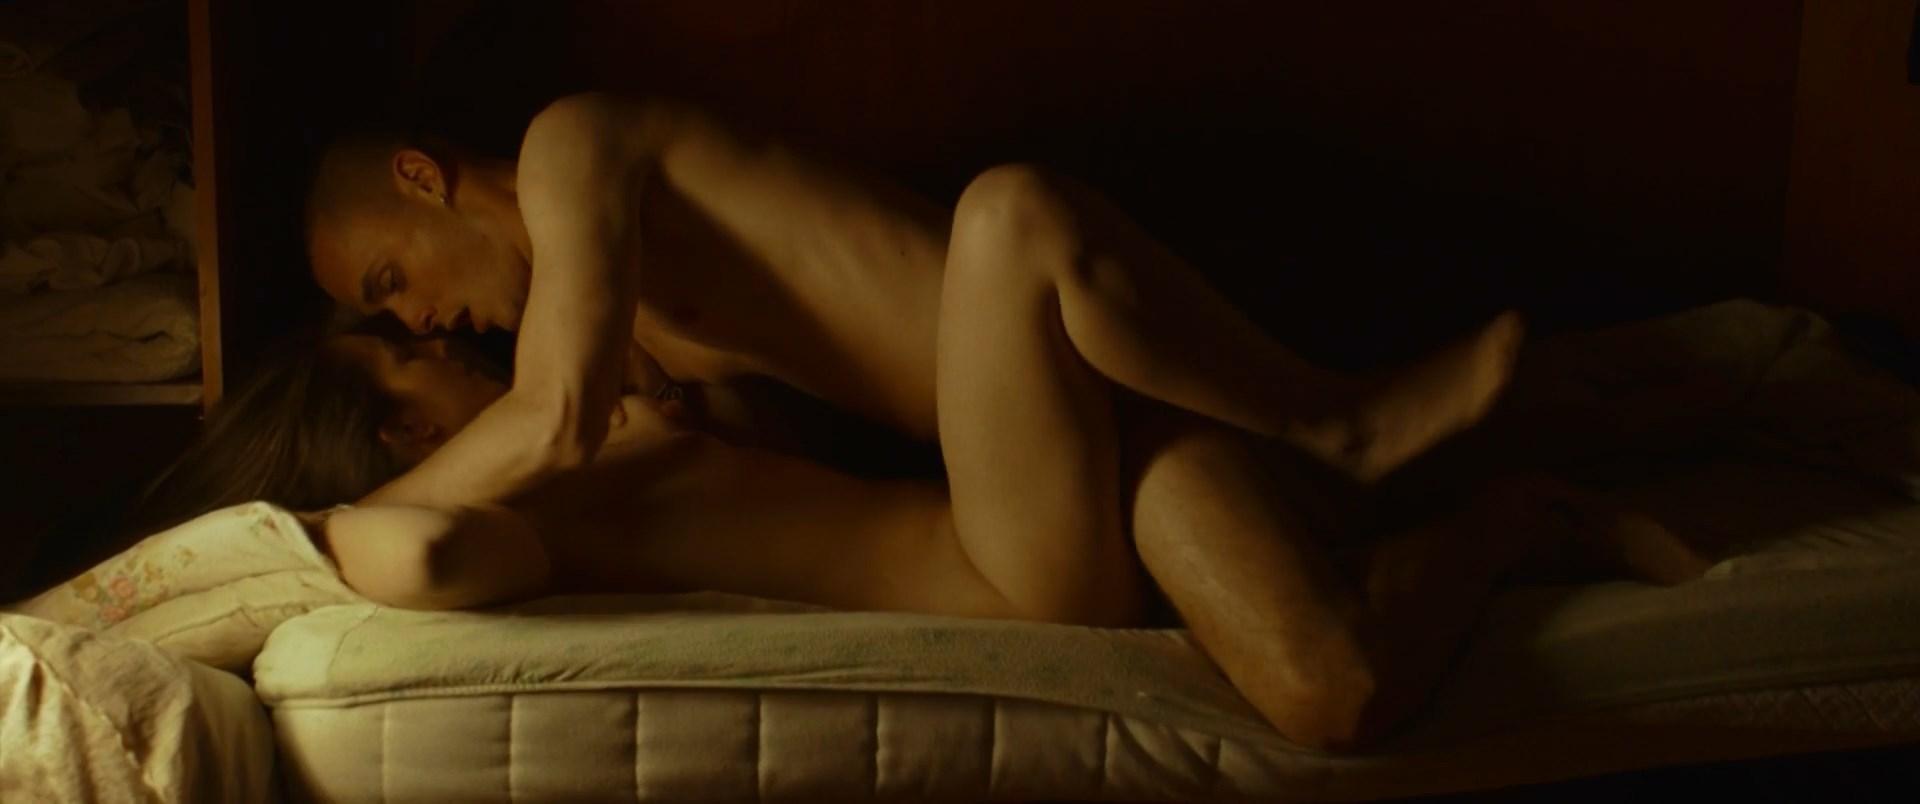 Michela De Rossi nude - La terra dell'abbastanza (2018)